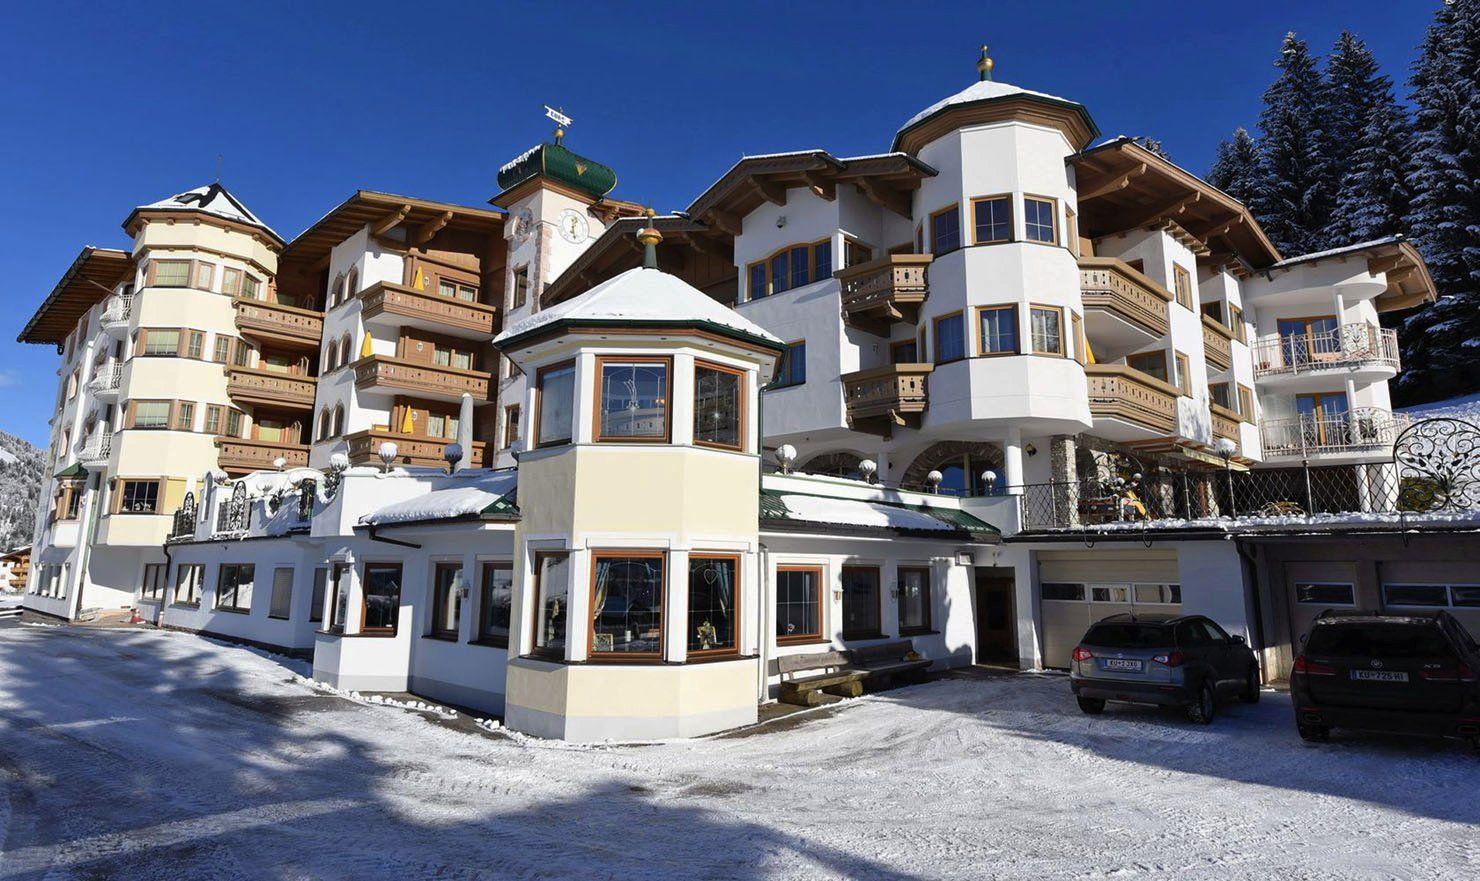 Meer info over Hotel Silberberger  bij Wintertrex